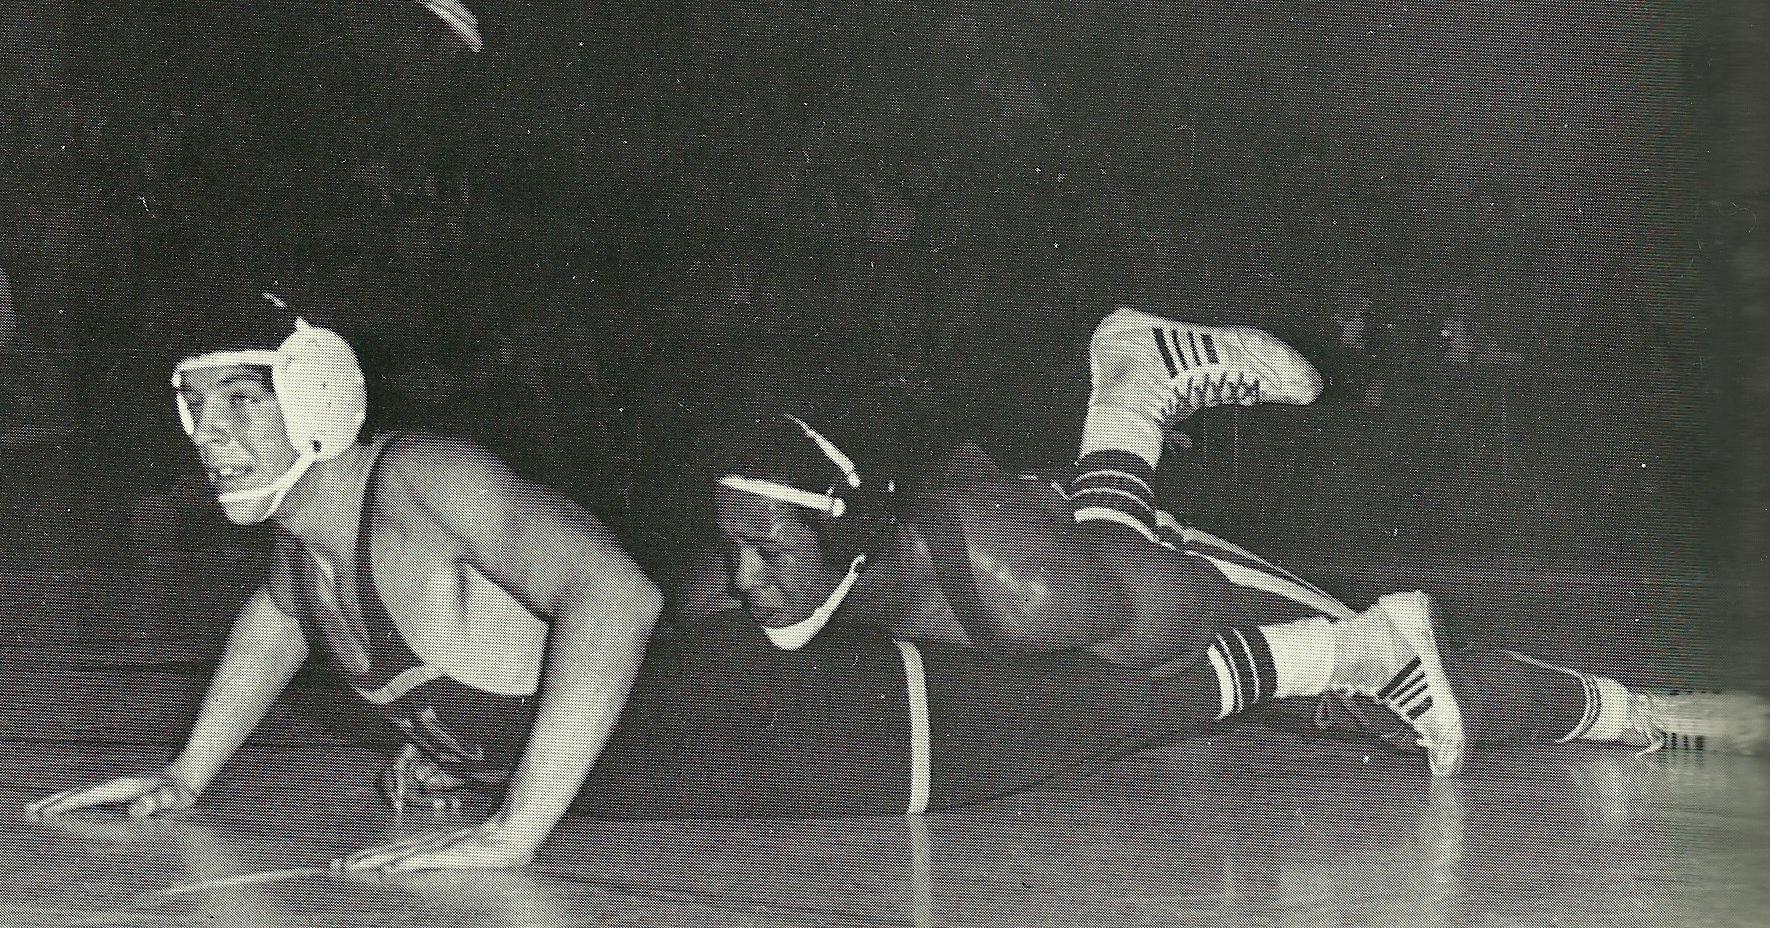 Tony Jenkins rides opponent